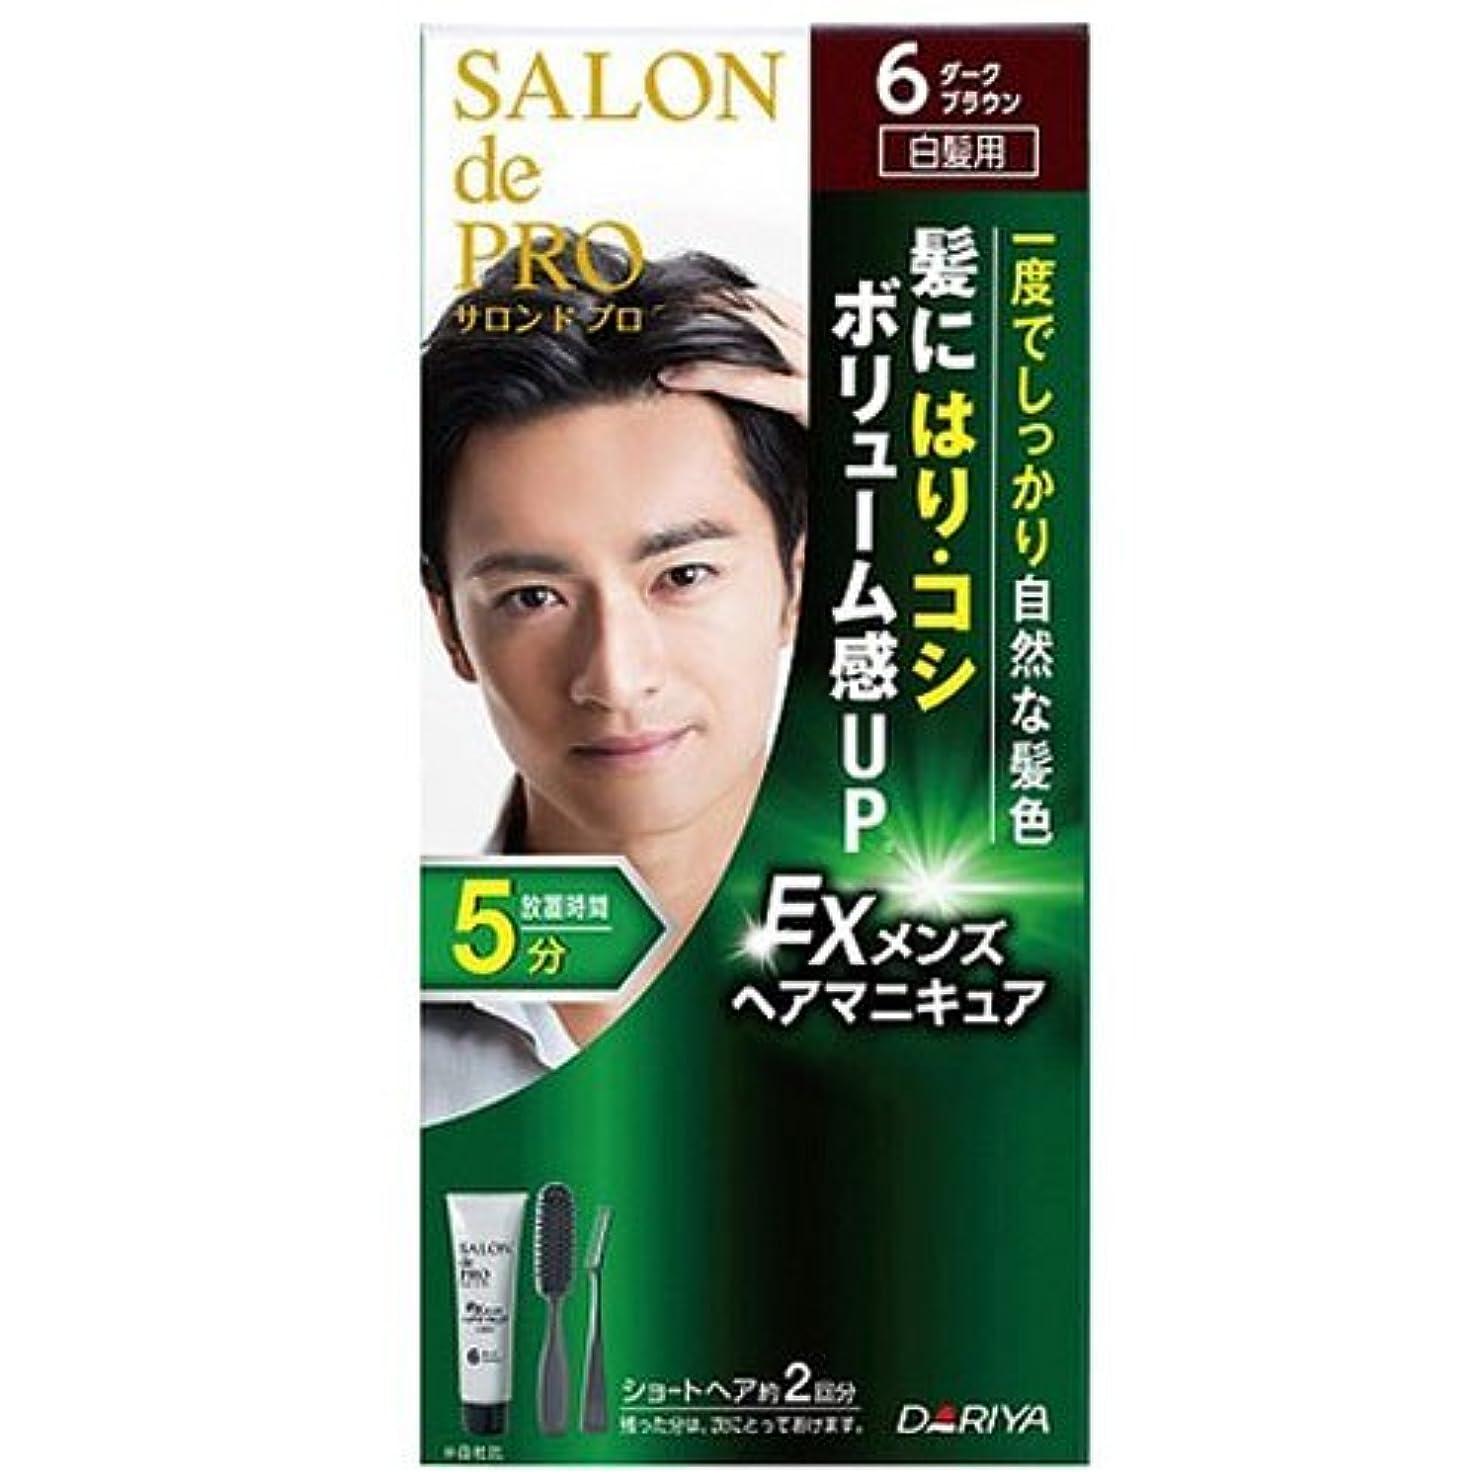 テレビ国旗ランプサロンドプロ EXメンズヘアマニキュア 白髪用 6 ダークブラウン